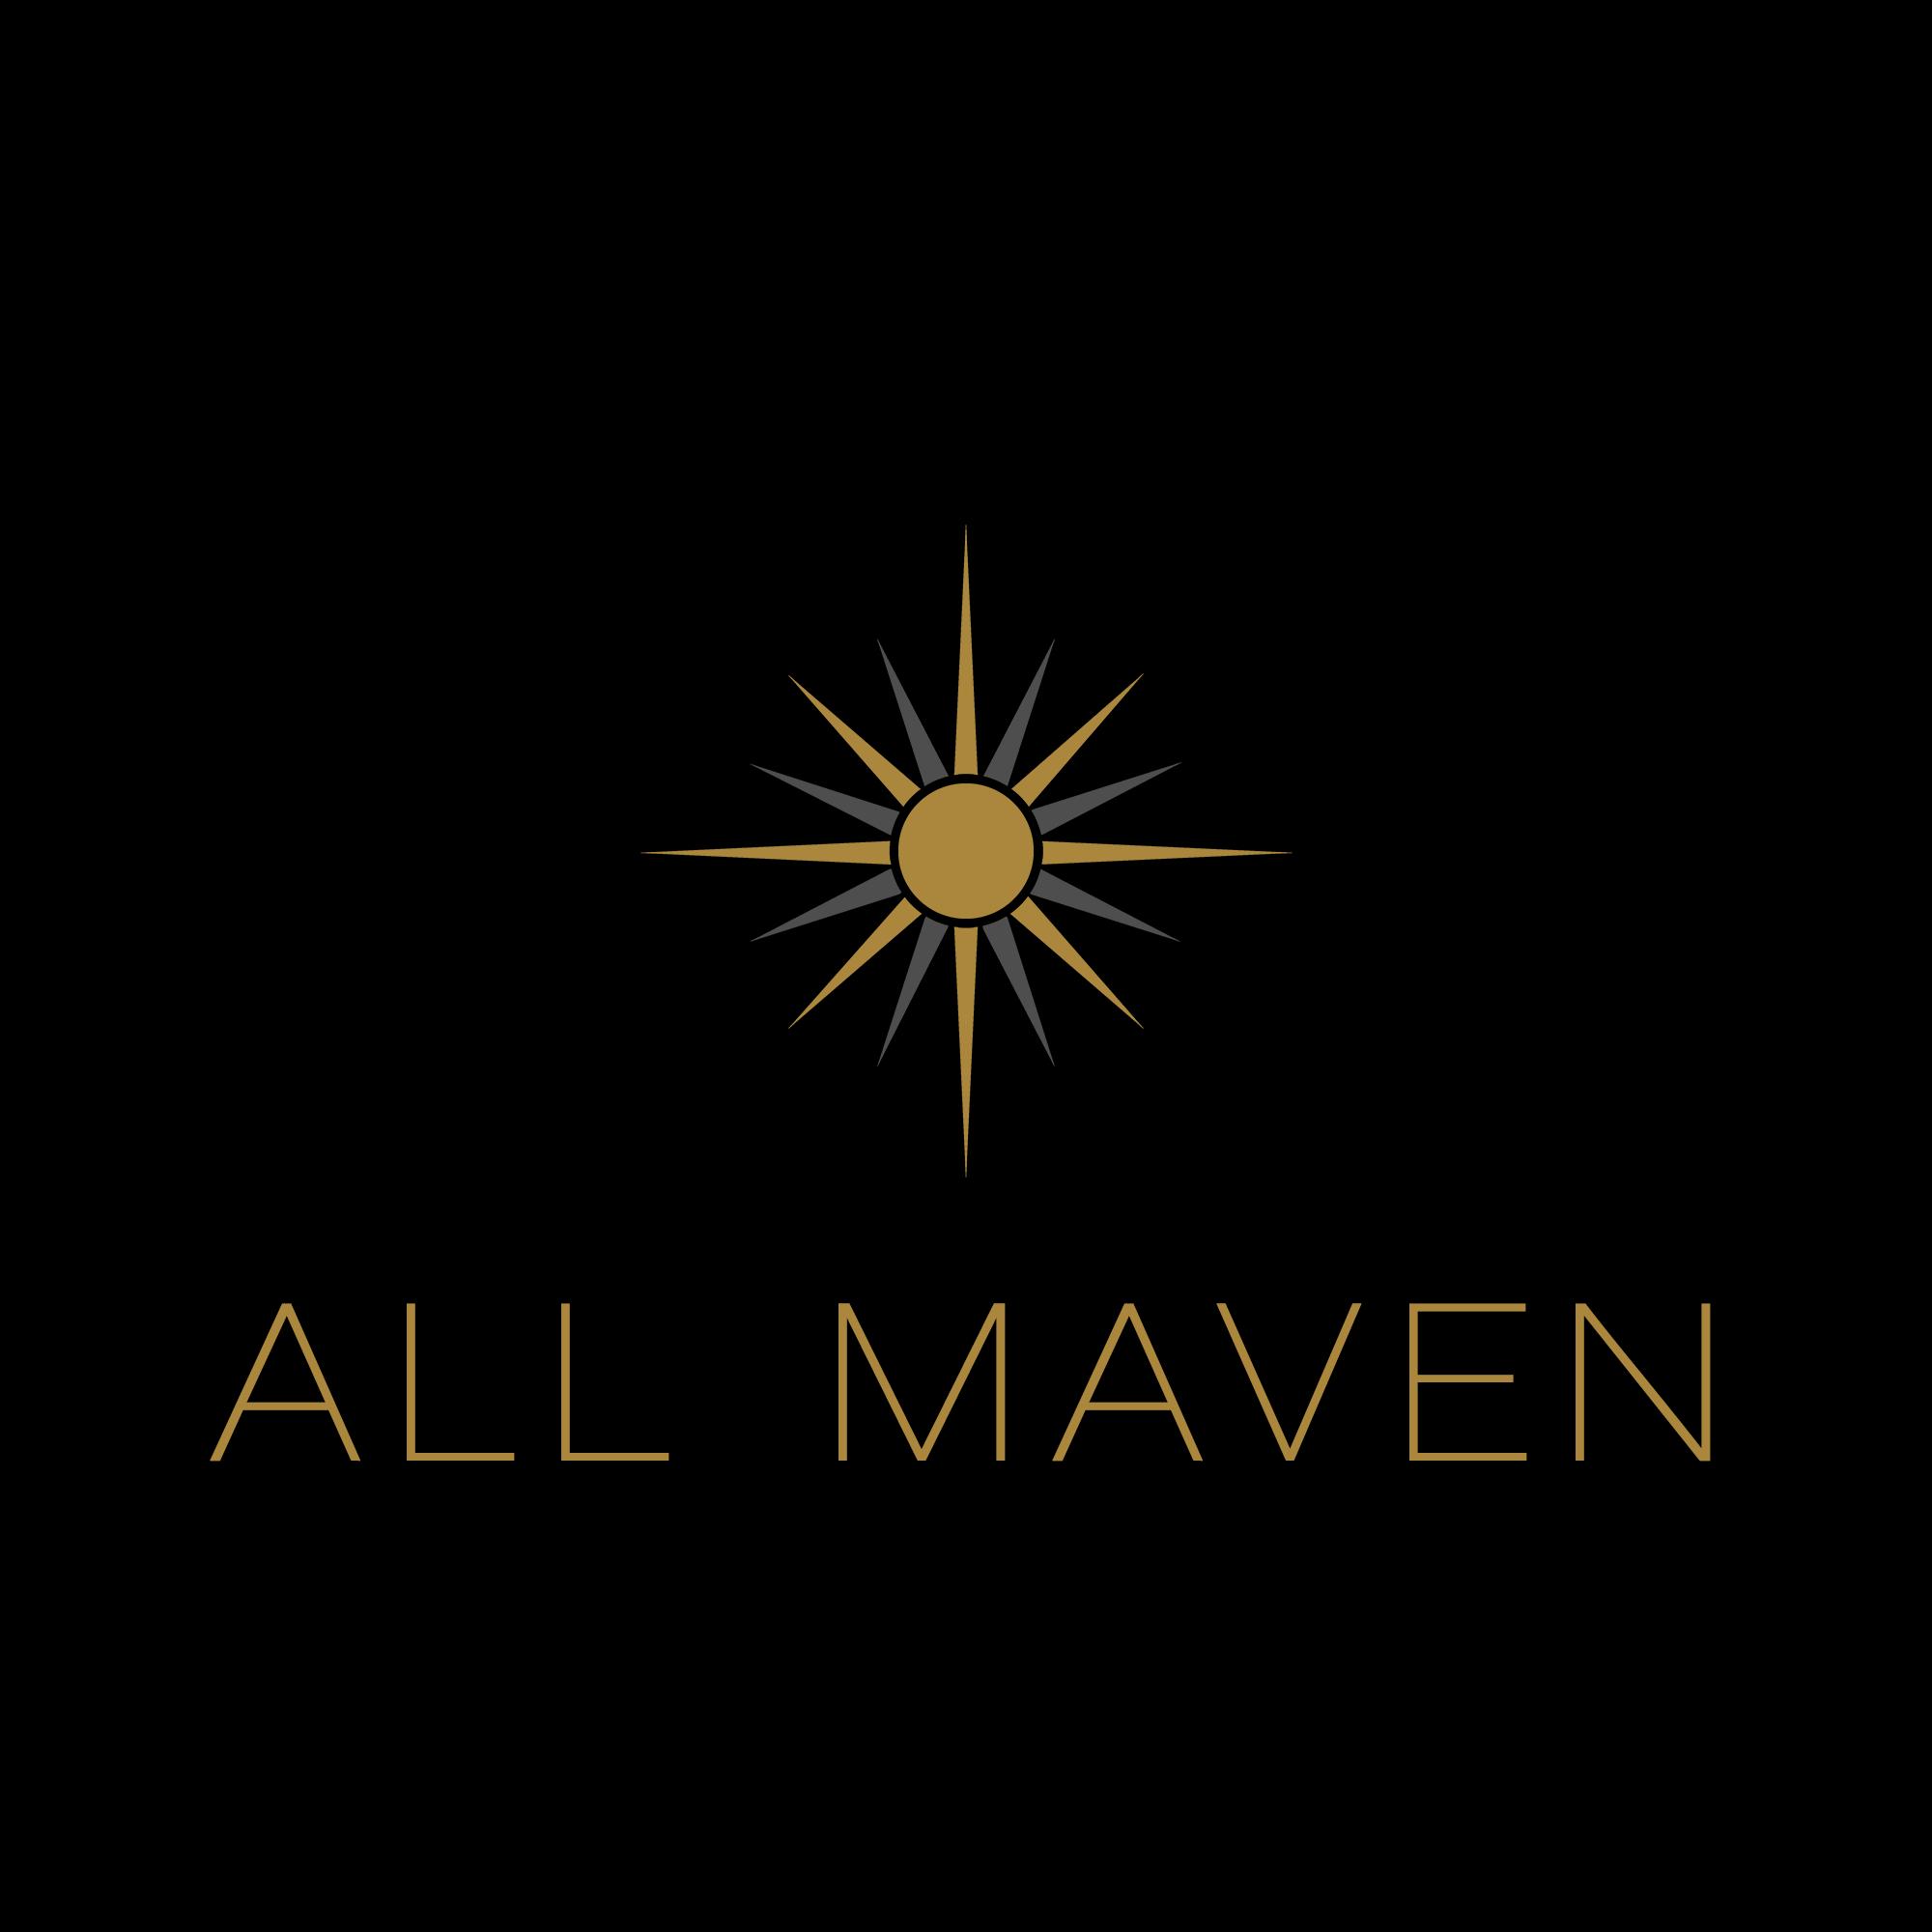 ALL MAVEN